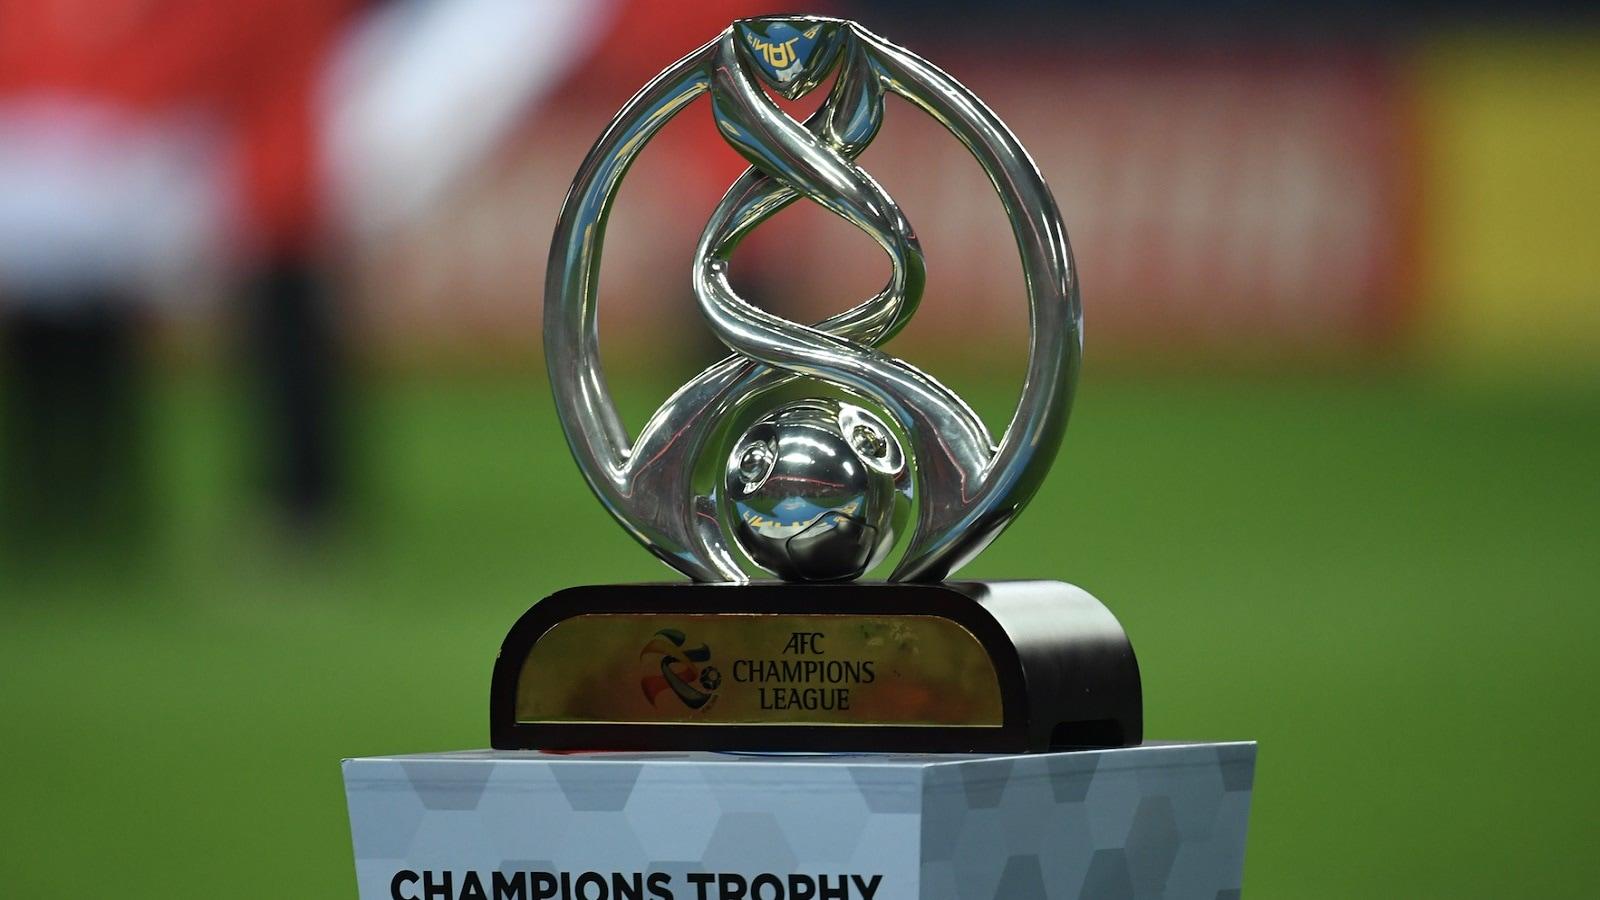 قنوات ssc تعلن نقل مباريات دور الـ16 من دوري أبطال آسيا مجانا